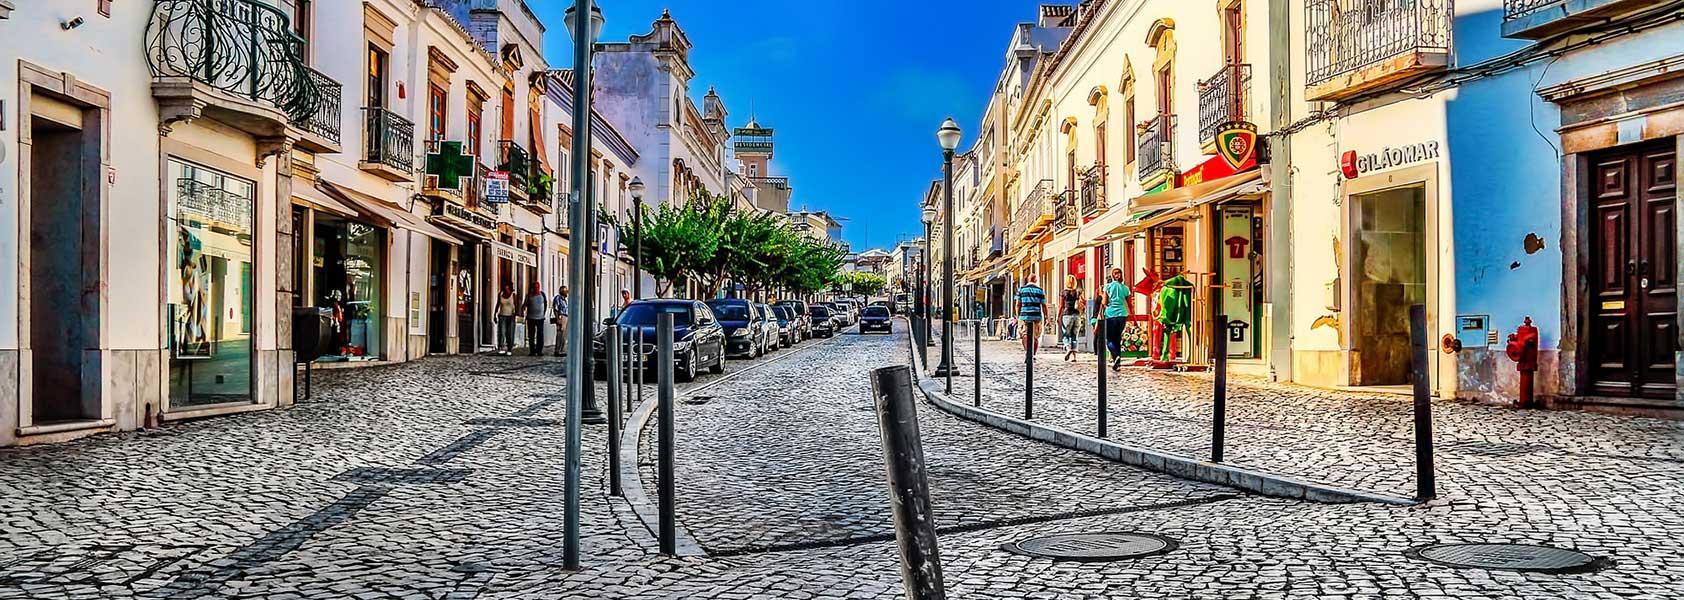 Portugal   Wandelvakantie met huurauto in de Algarve